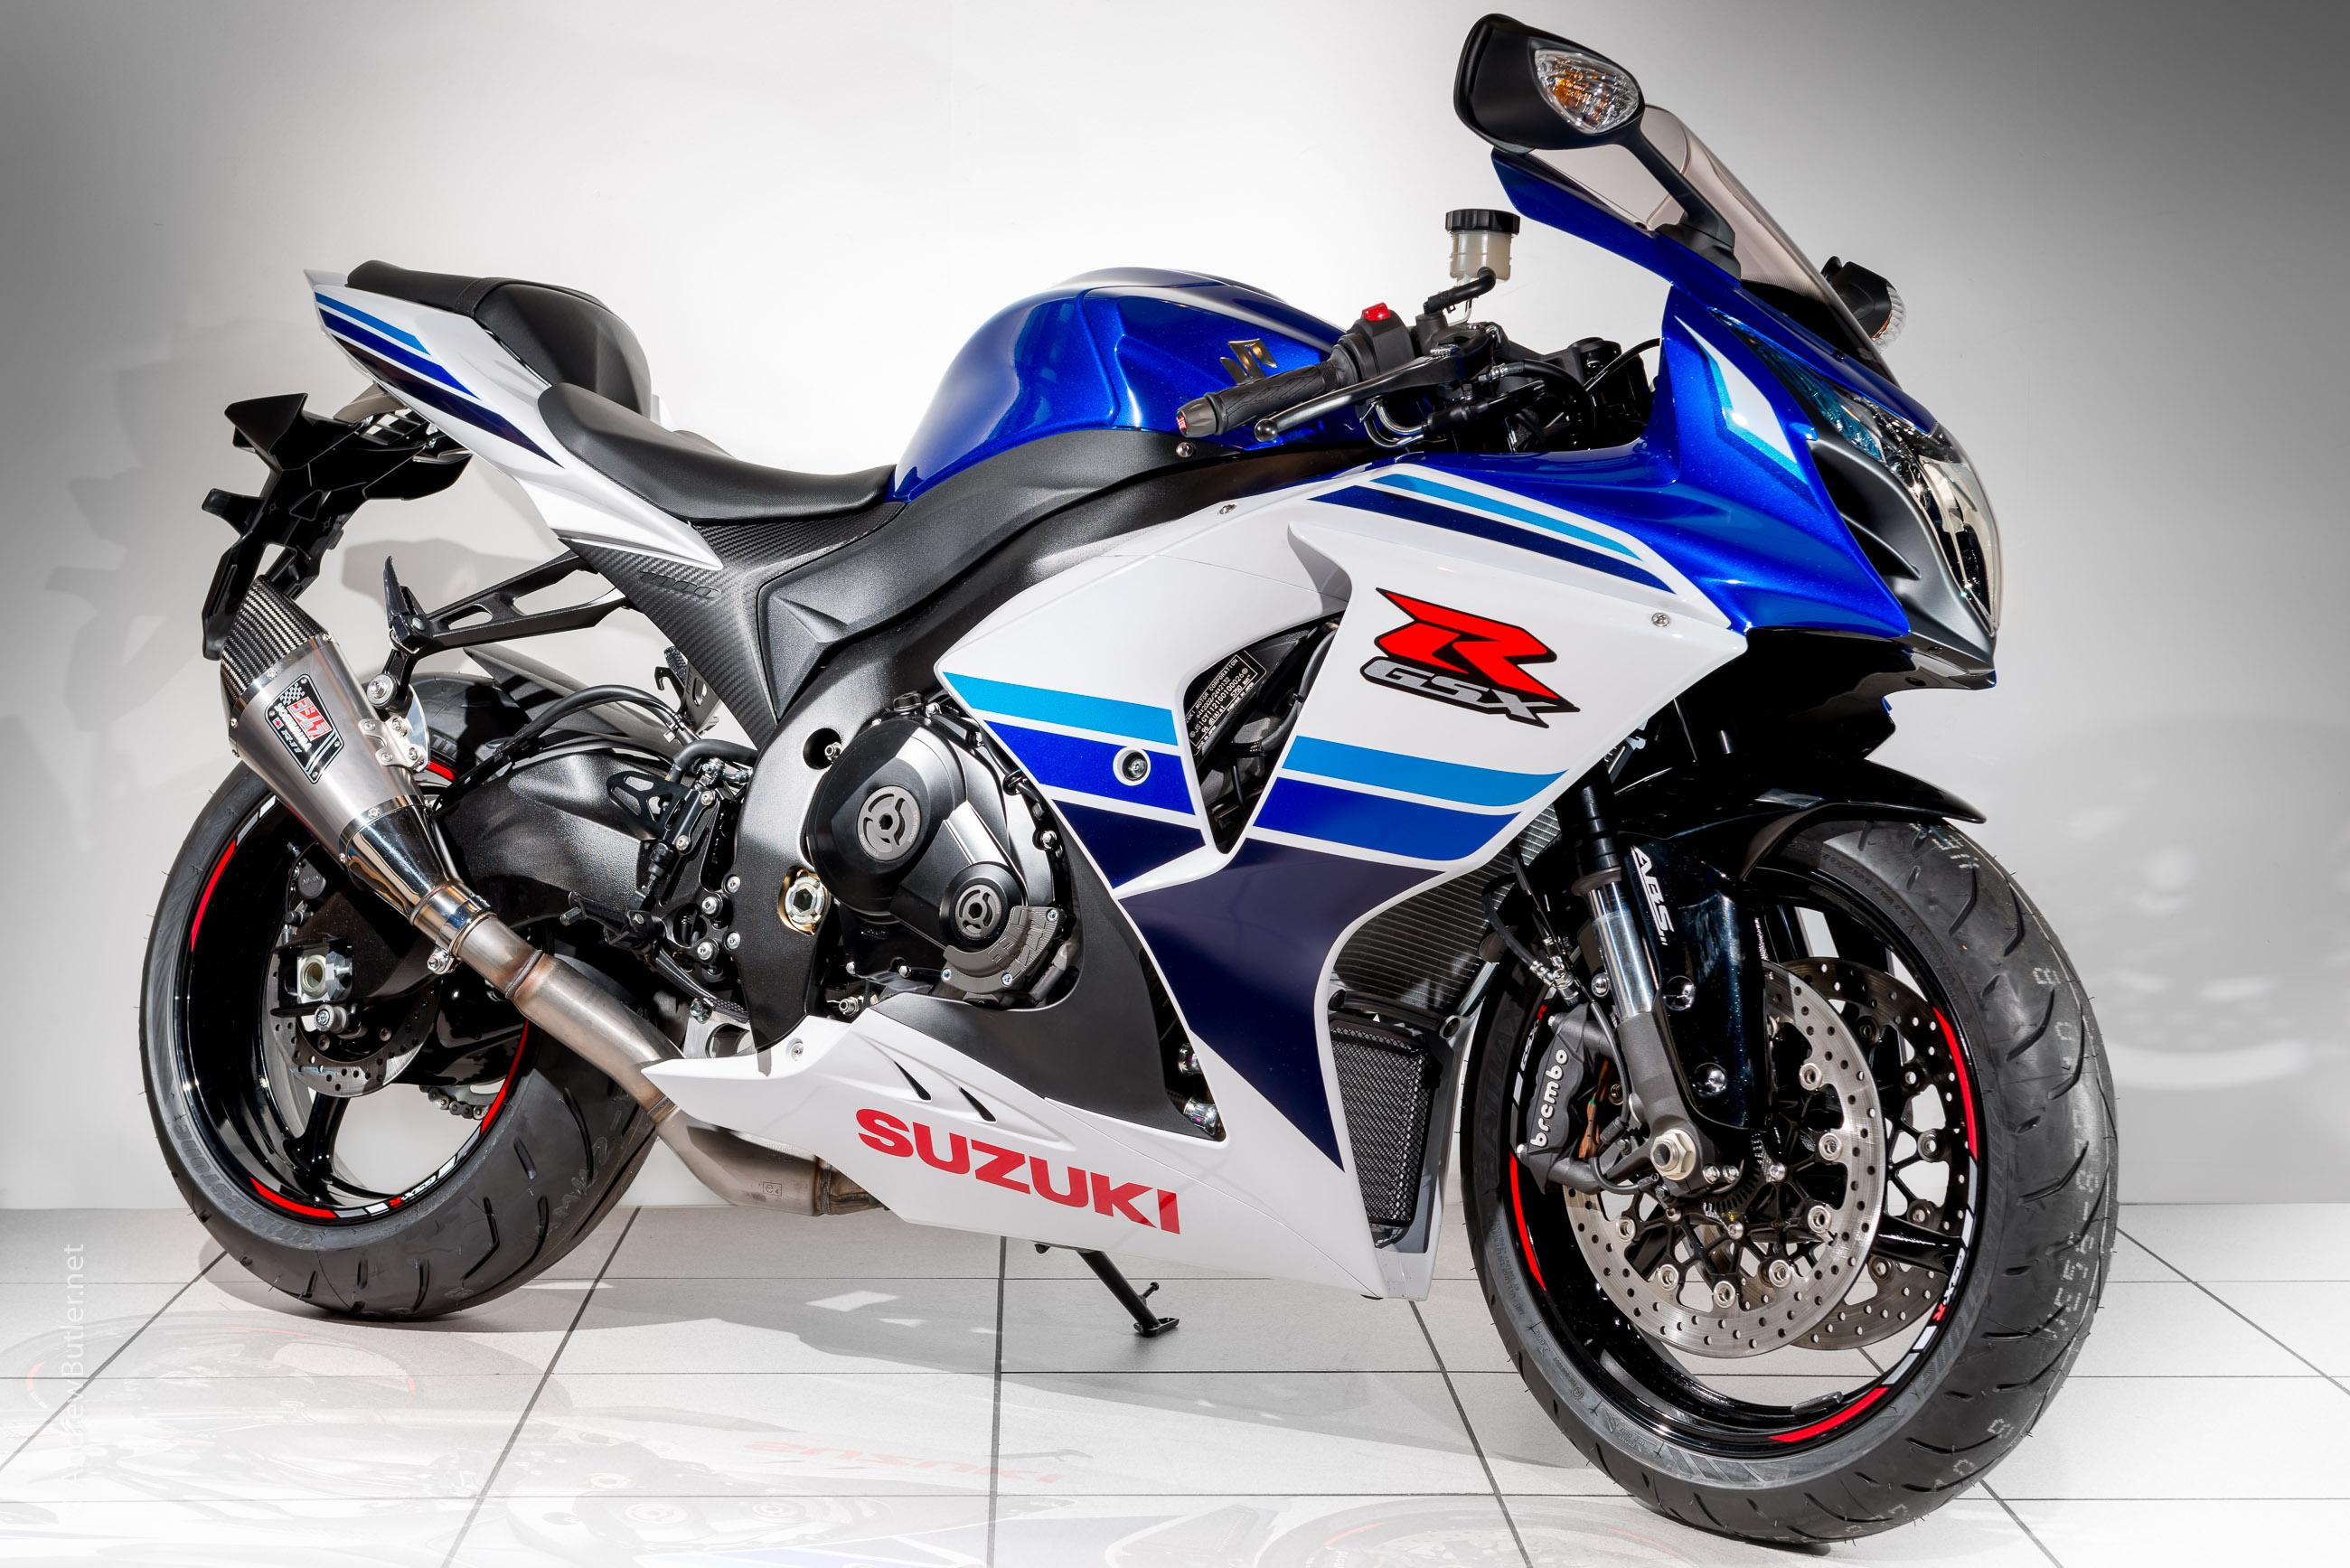 Motorcycle photographer Andrew Butler Suzuki GSXR 1000